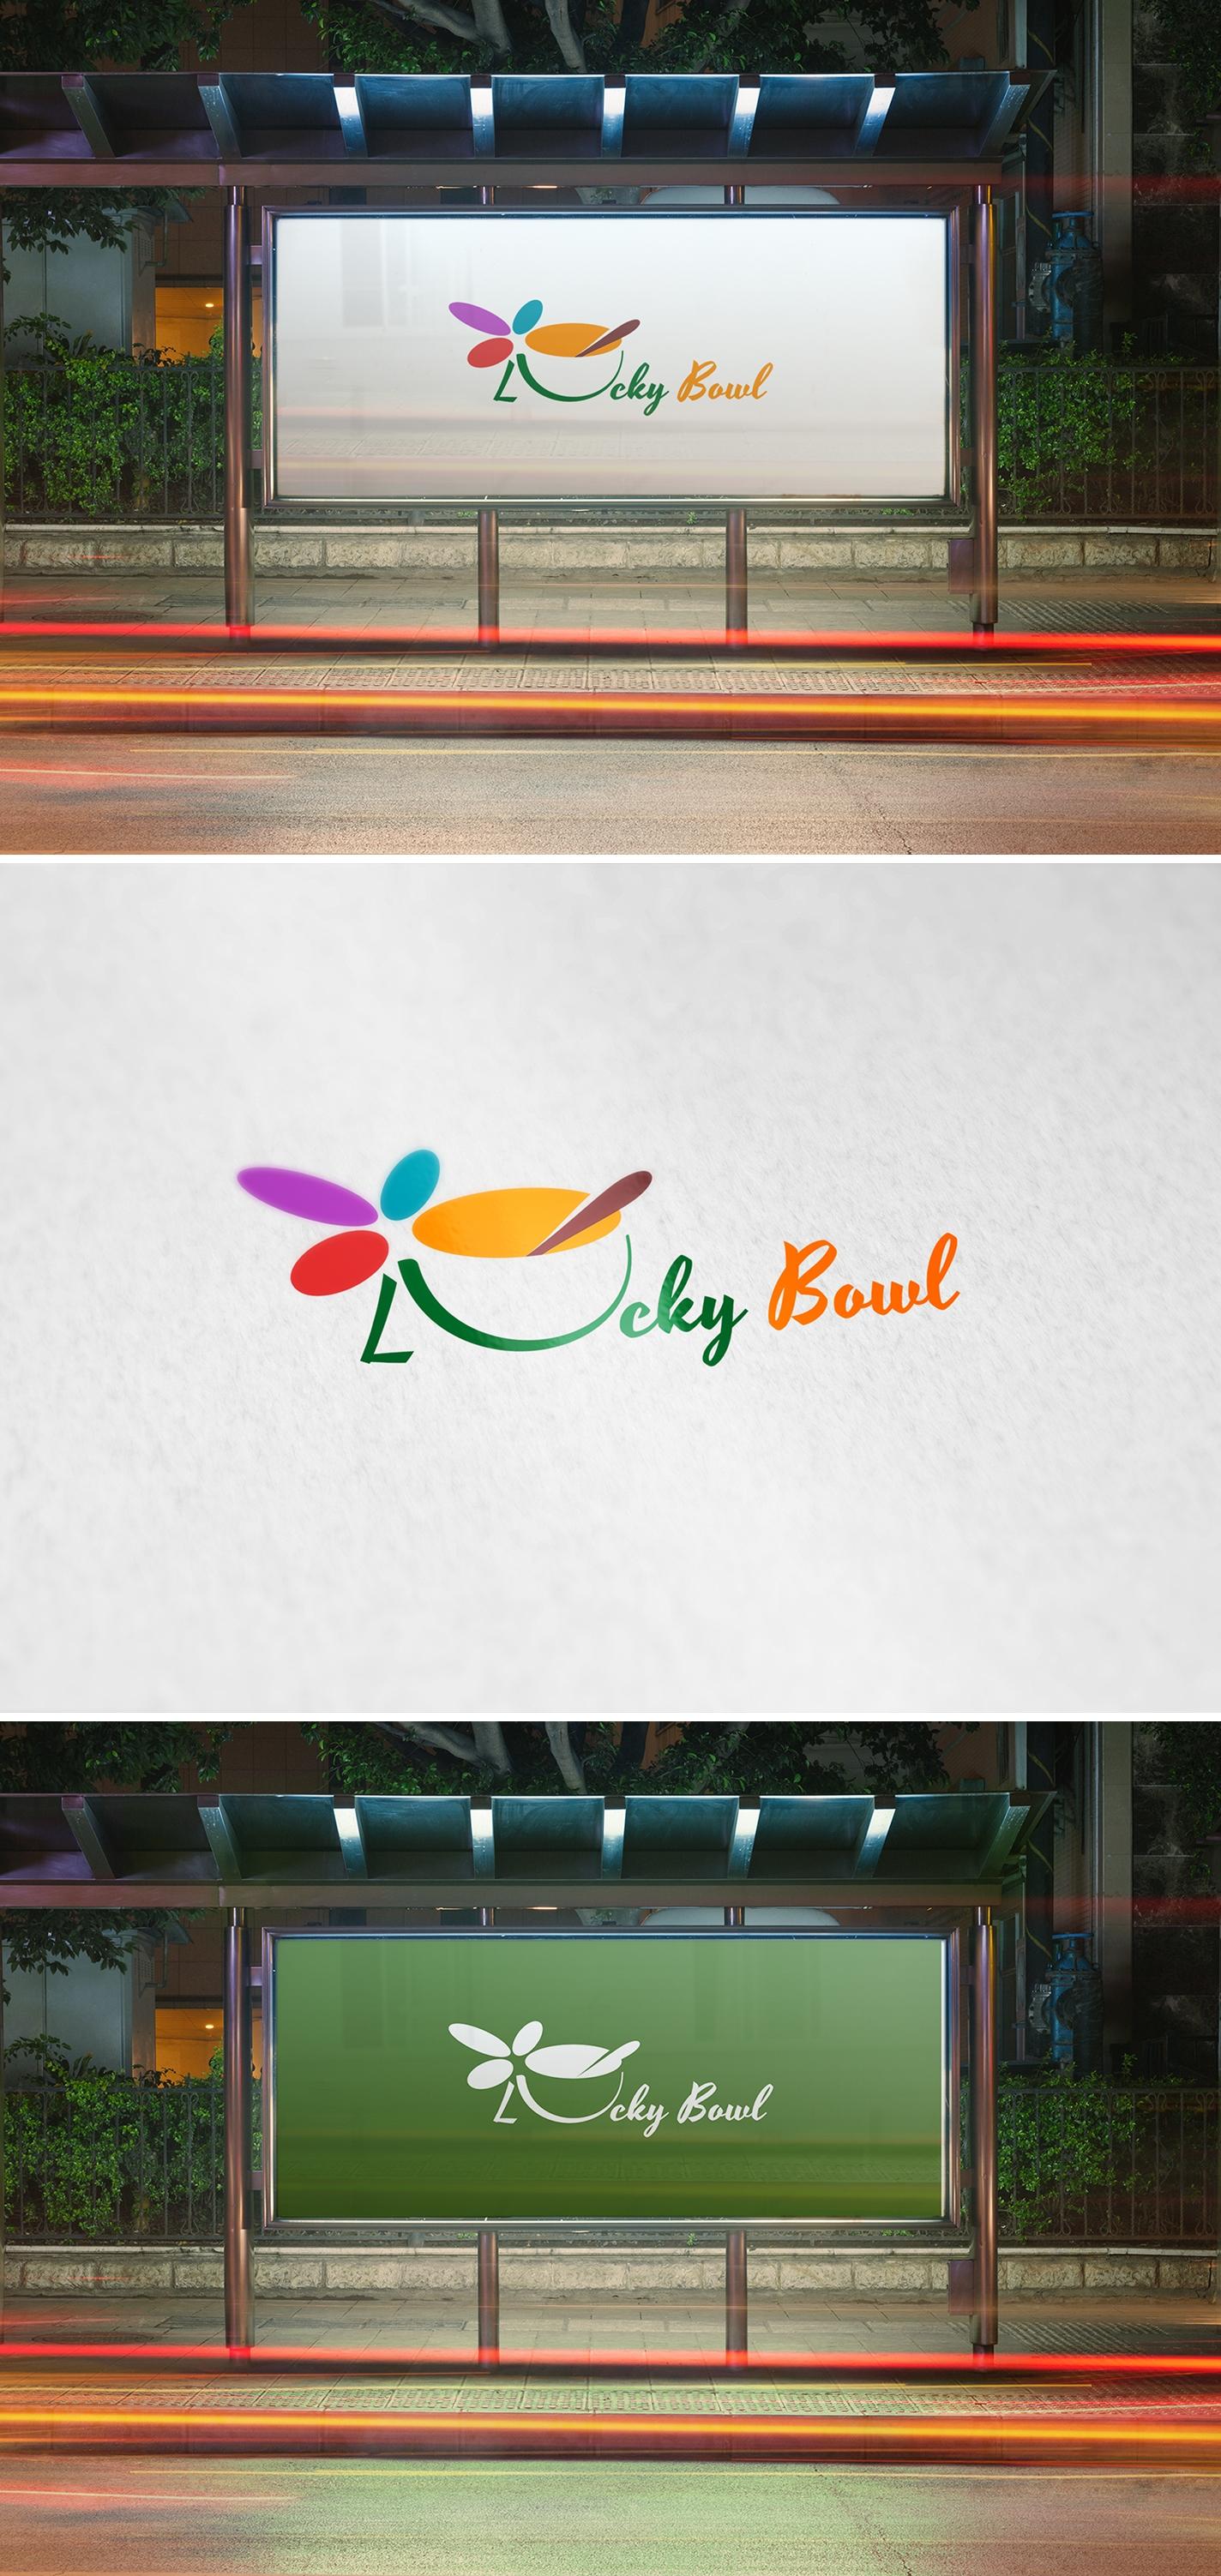 Создать логотип, фирменный стиль, айдентика, брендбук. фото f_4696007f33eba8d4.jpg